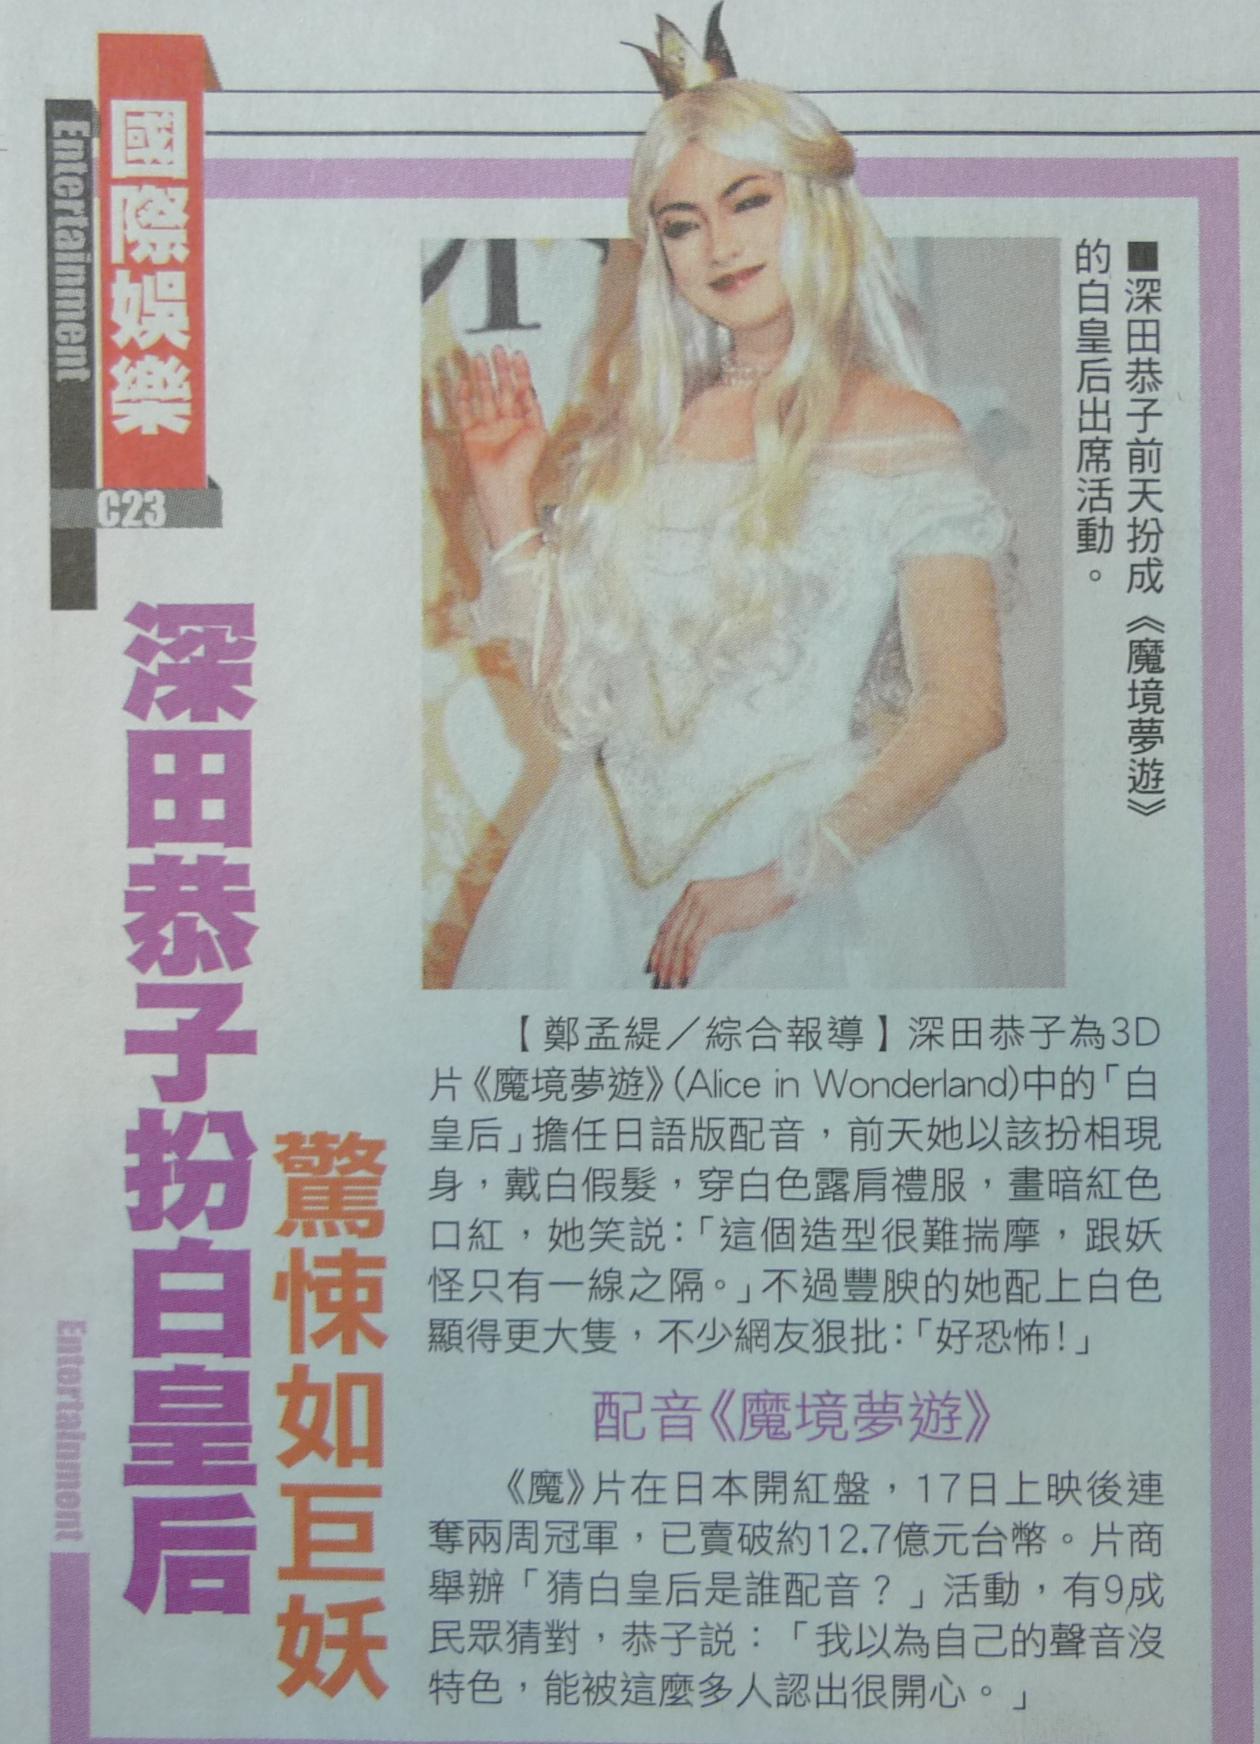 深田恭子扮白皇后 驚悚如巨妖 20100430